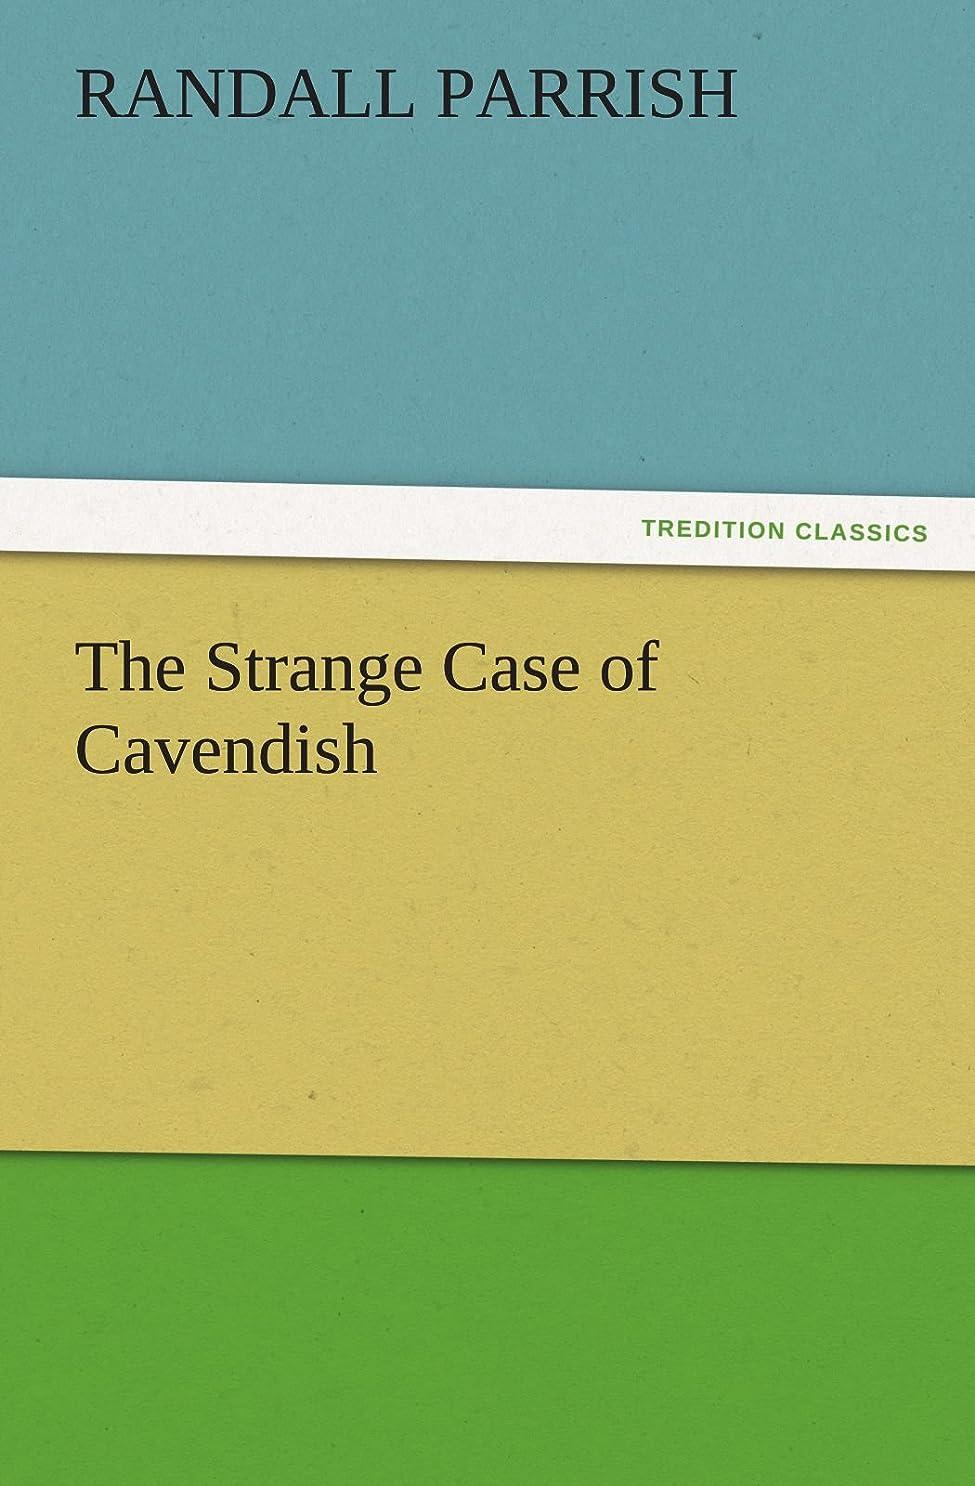 準拠分析的なびんThe Strange Case of Cavendish (TREDITION CLASSICS)